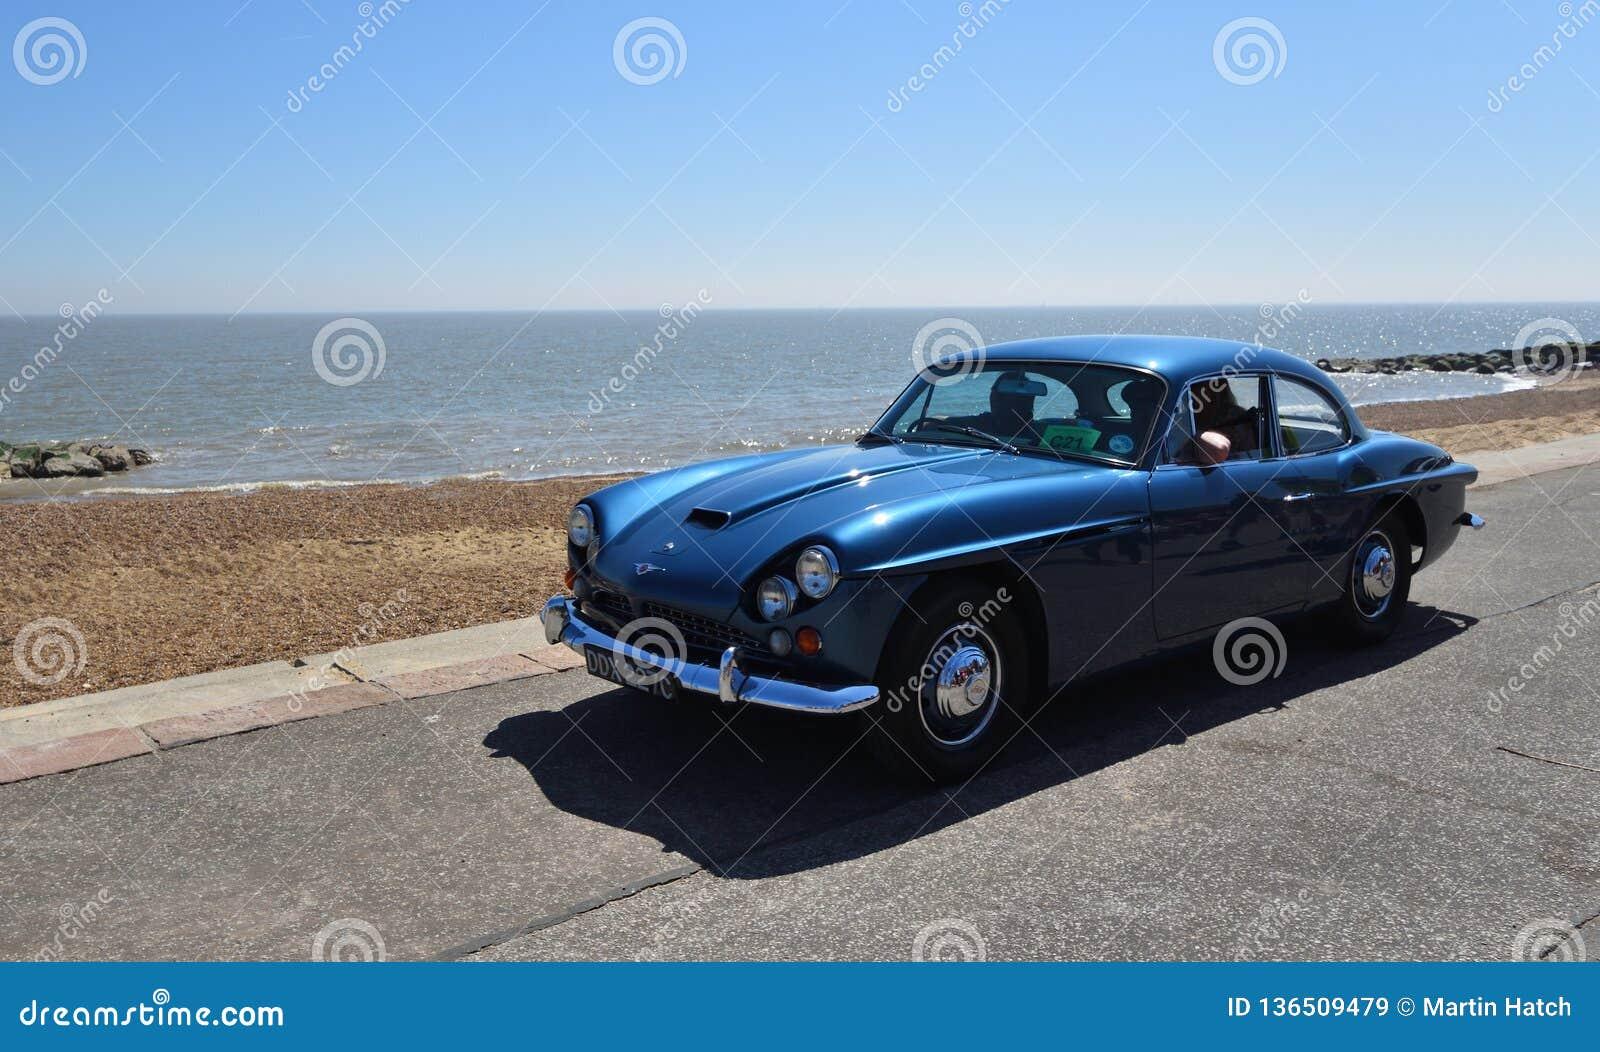 Jensen Motor Car bleu classique étant conduit le long de la promenade de bord de mer